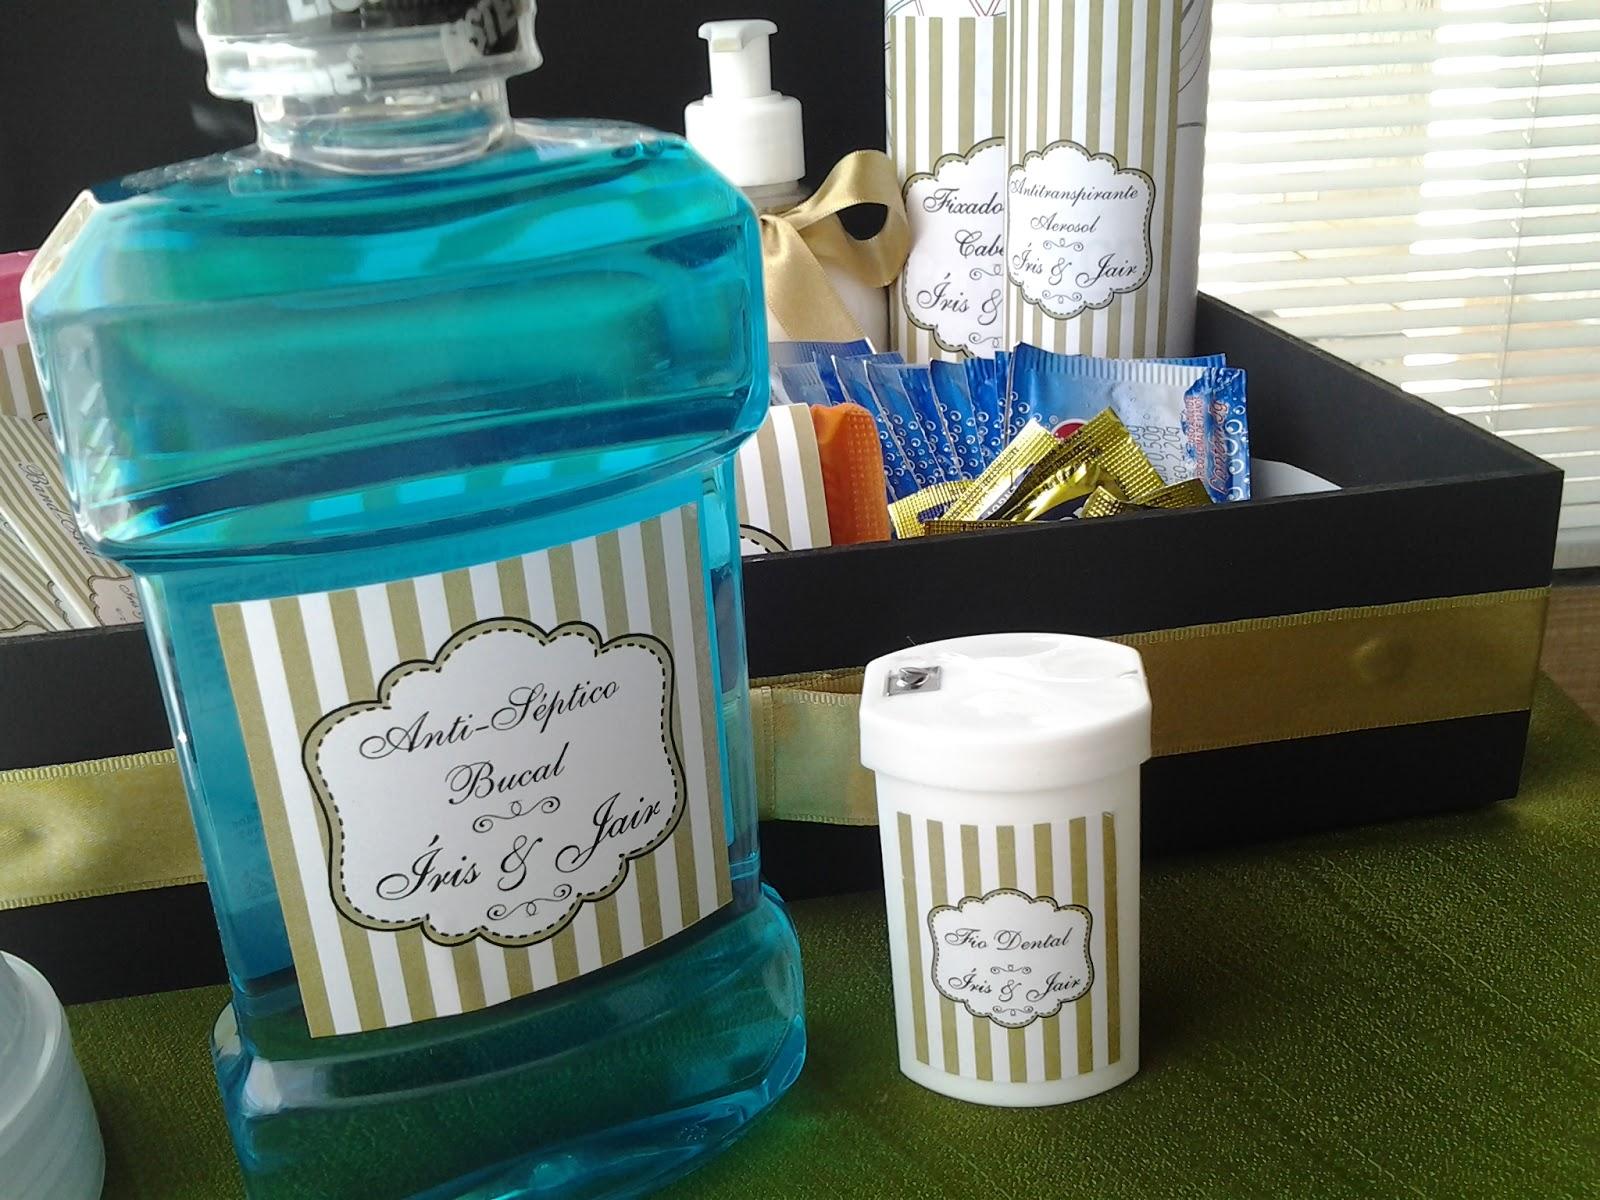 Imagens de #1493B6  Comemorações Personalizadas: Kit de Banheiro para festa de casamento 1600x1200 px 2806 Box Banheiro Marilia